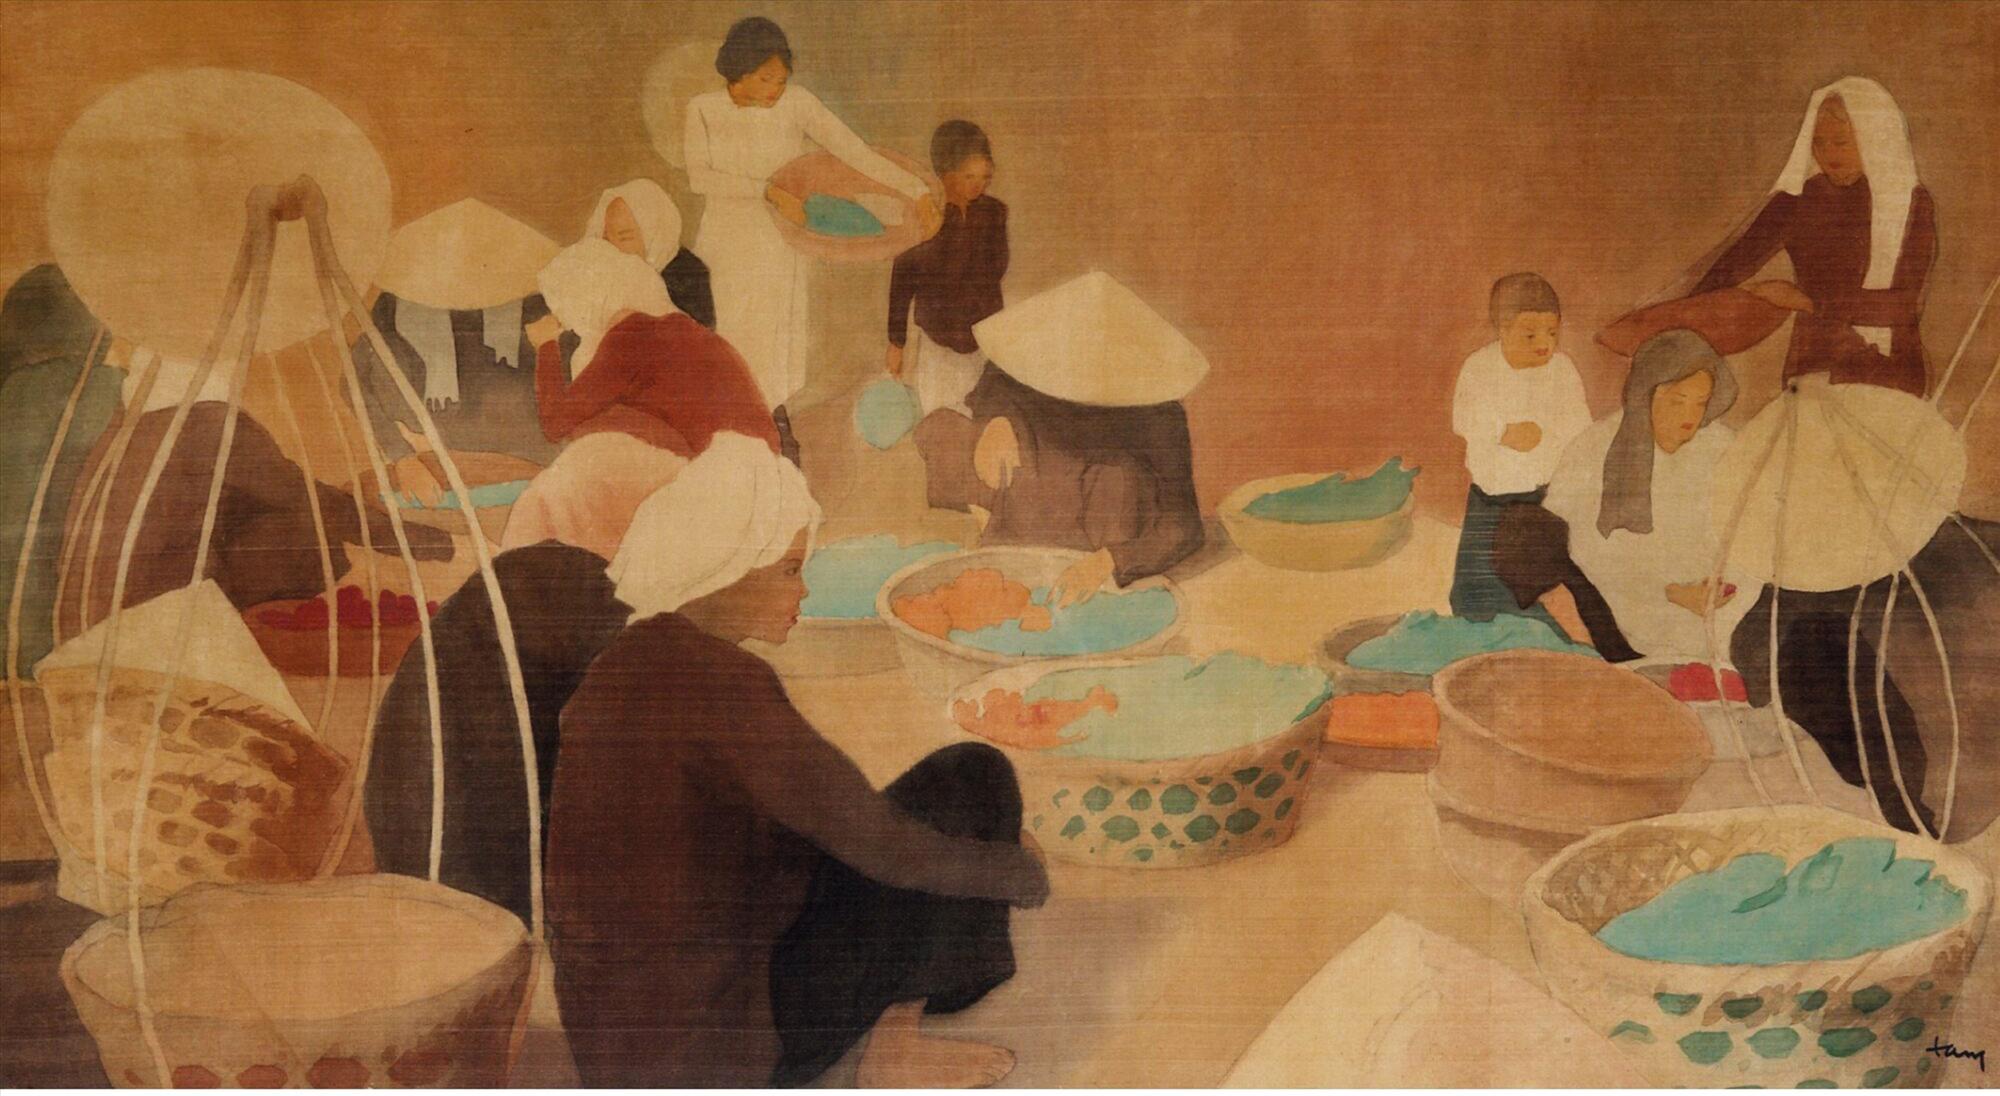 """Bức tranh """"Cảnh phố chợ Đông Dương"""" (Scène de Marché de rue Indochinois, mực và gouache trên lụa, 51cm x 92cm) của Nhất Linh bất ngờ tái xuất hiện tại Sotheby's Hong Kong hồi 4.10.2010, bán 596.000 HKD, tương đương 76.801 USD."""